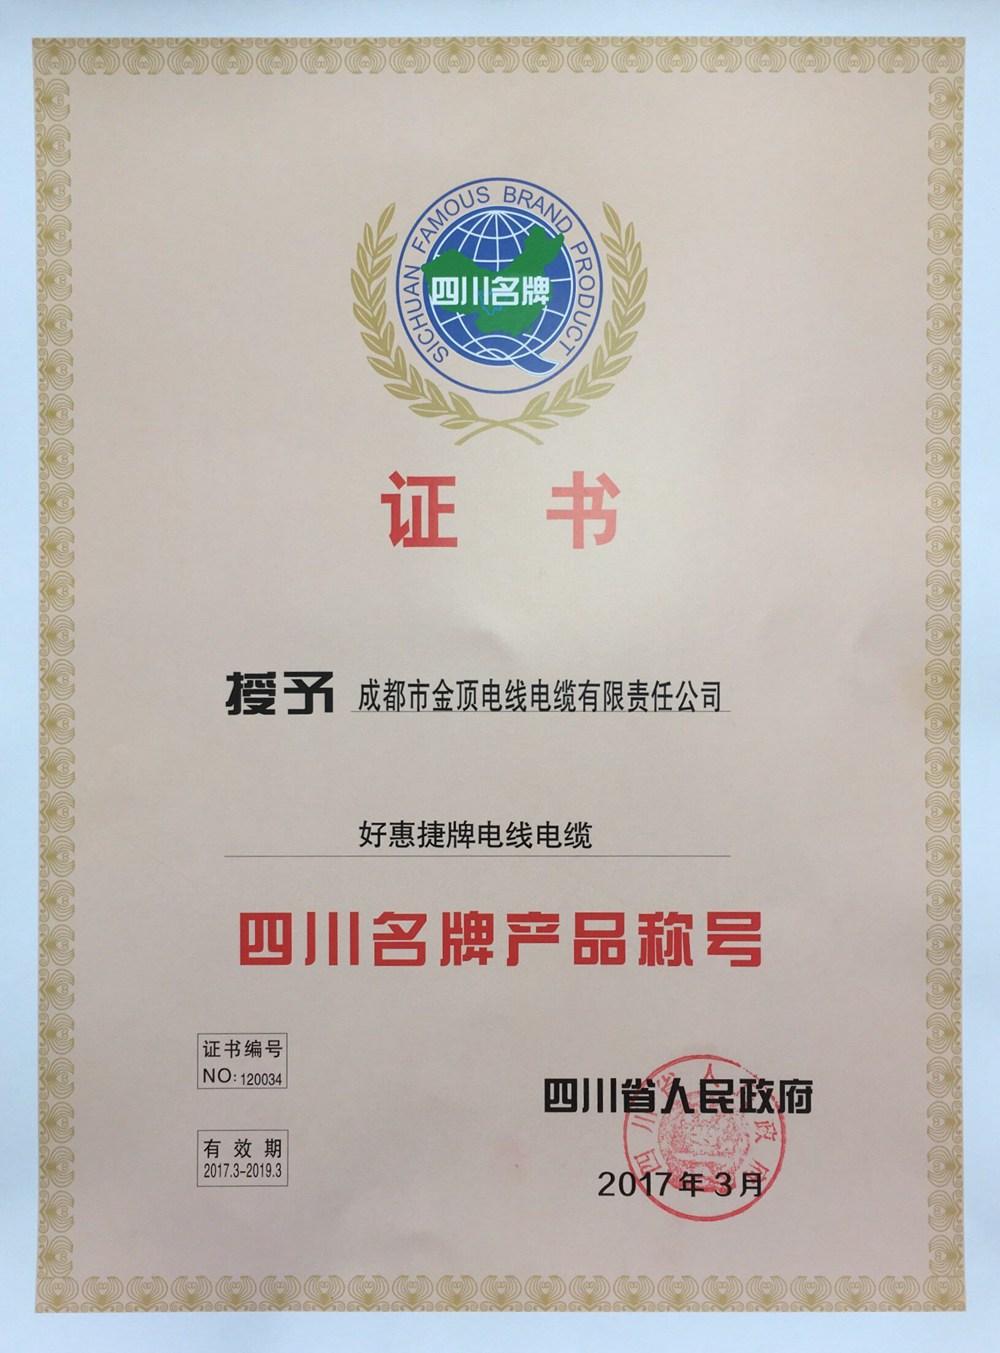 特电集团金顶电缆连续六年荣获四川名牌产品称号